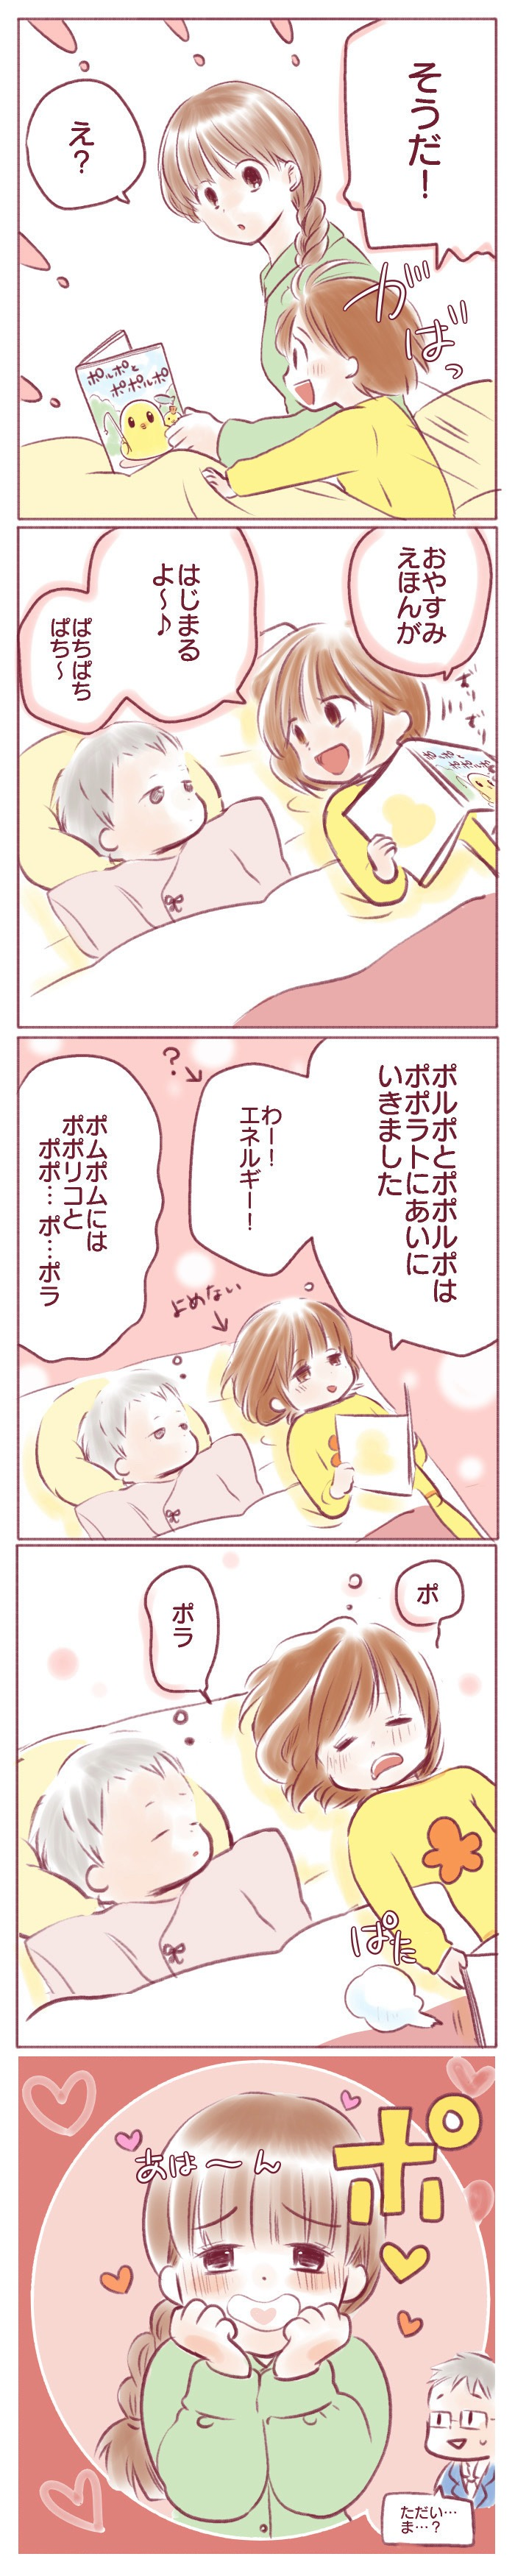 「わー!エネルギー!」まだ読めない絵本を、妹に読み聞かせる姿に…キュン♡の画像1